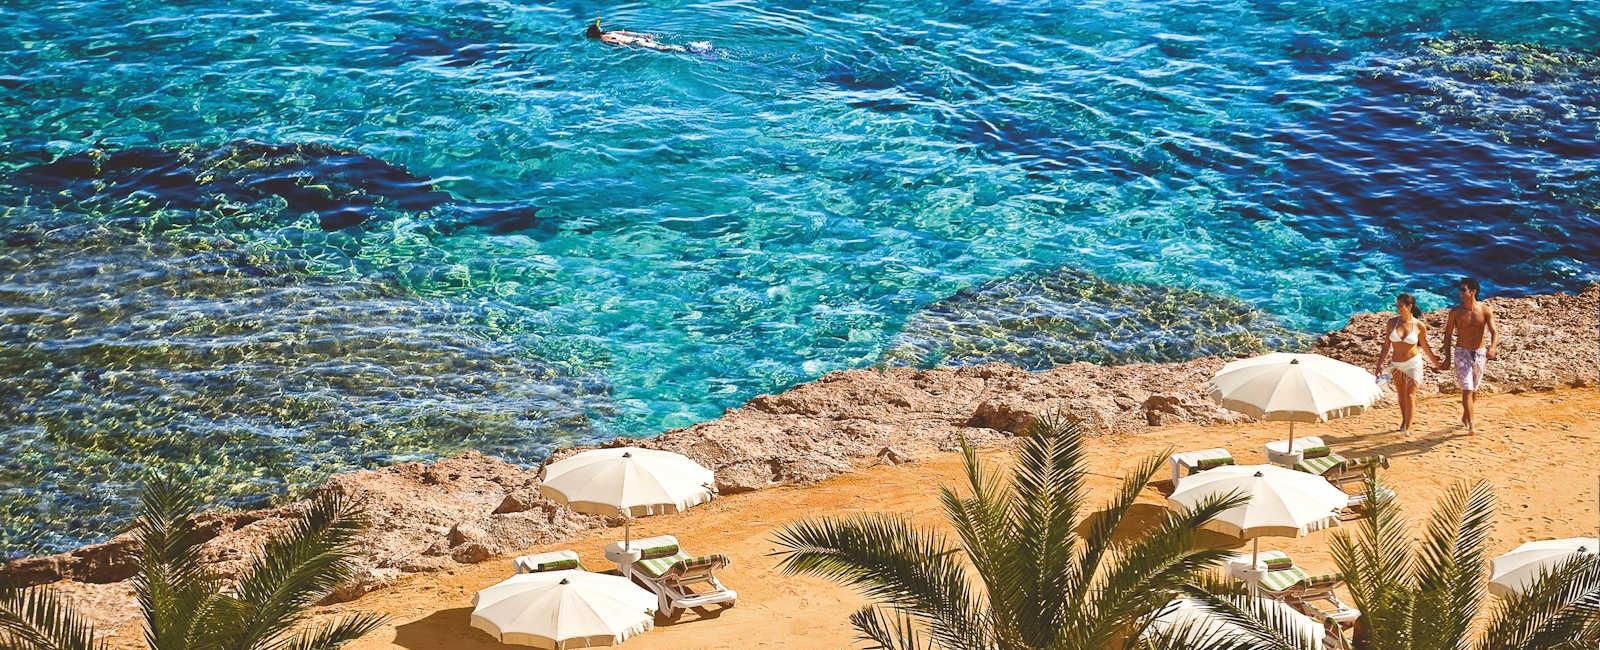 luxury na'ama bay holidays